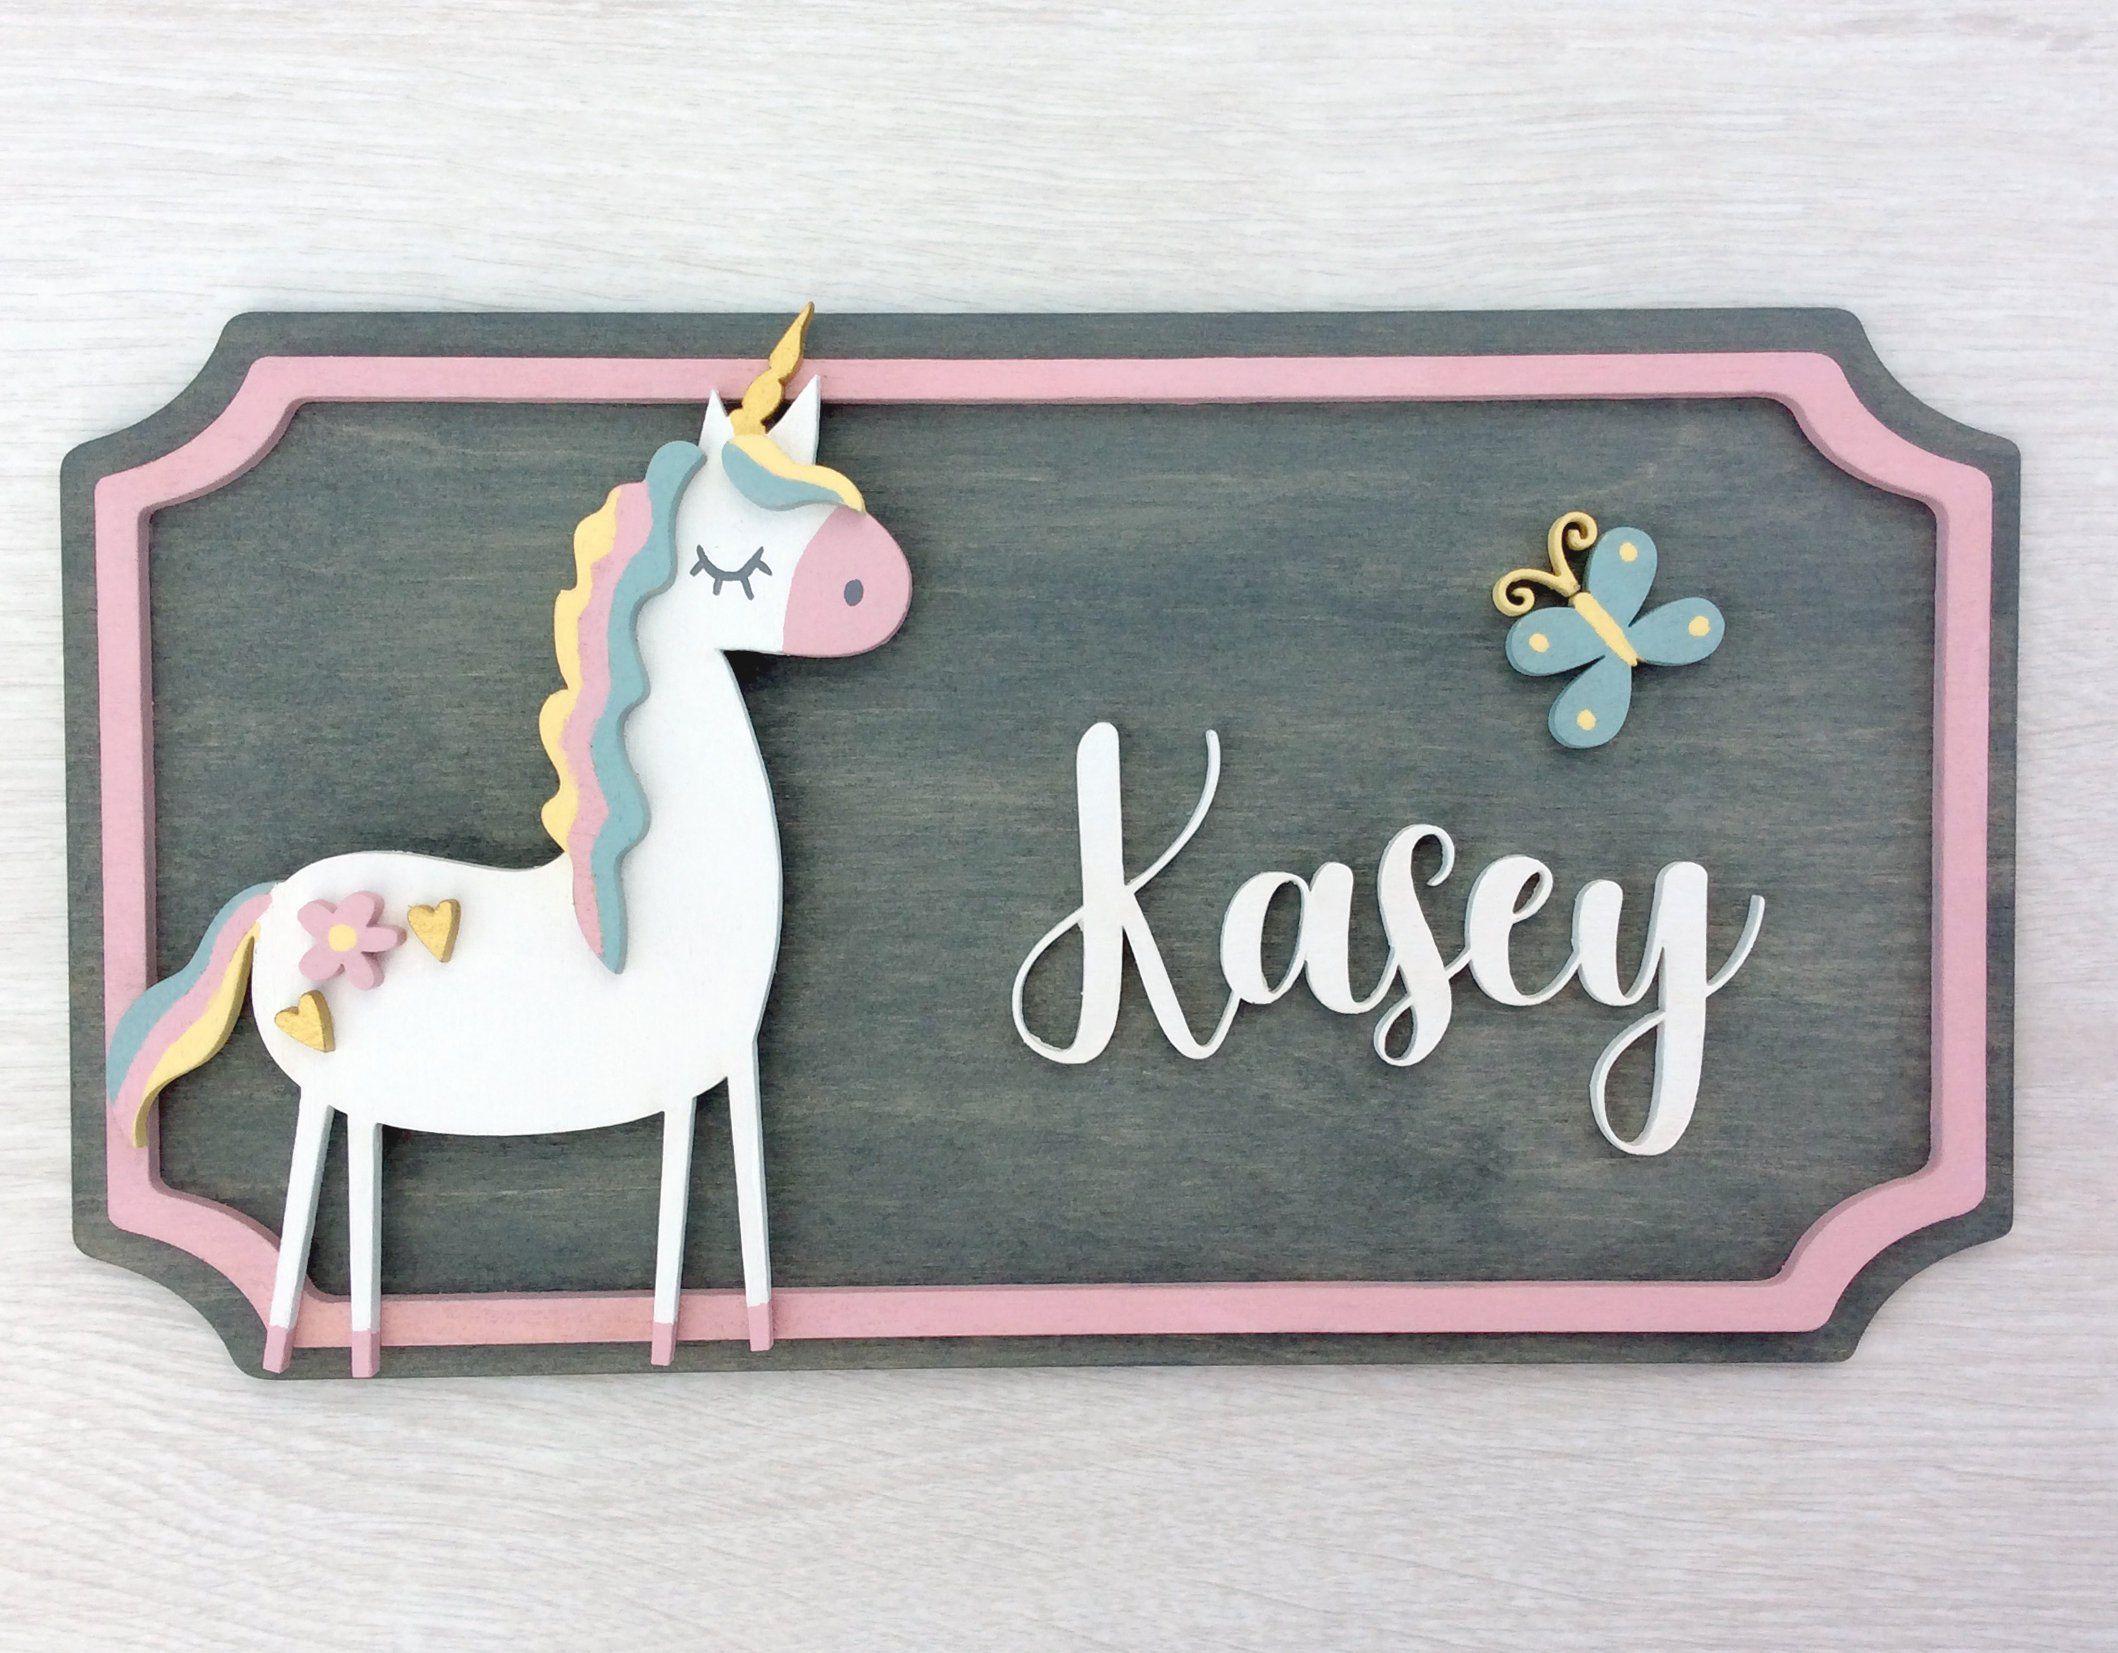 Personalised new baby wooden plaque nursery door sign rabbit bunny blue pink